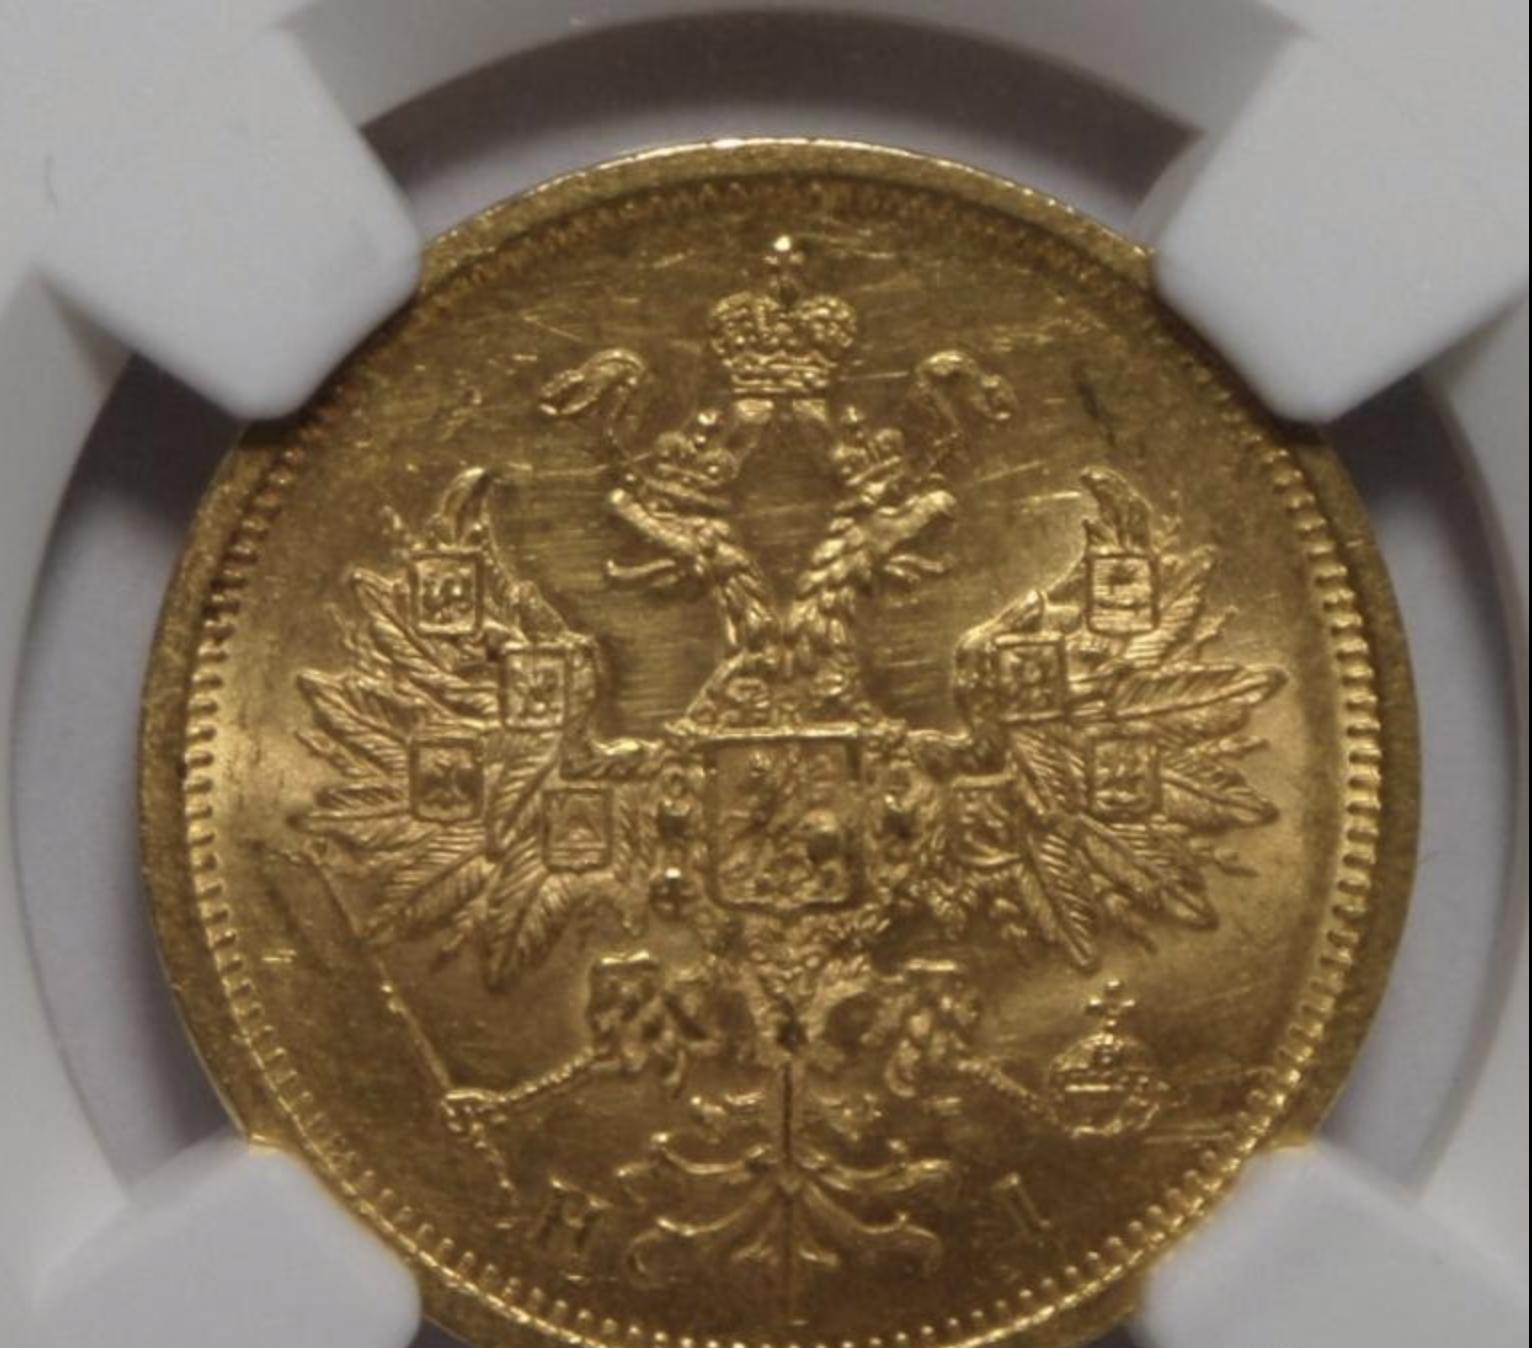 5 рублей. Александр II. СПБ-НI. 1877 год. AU